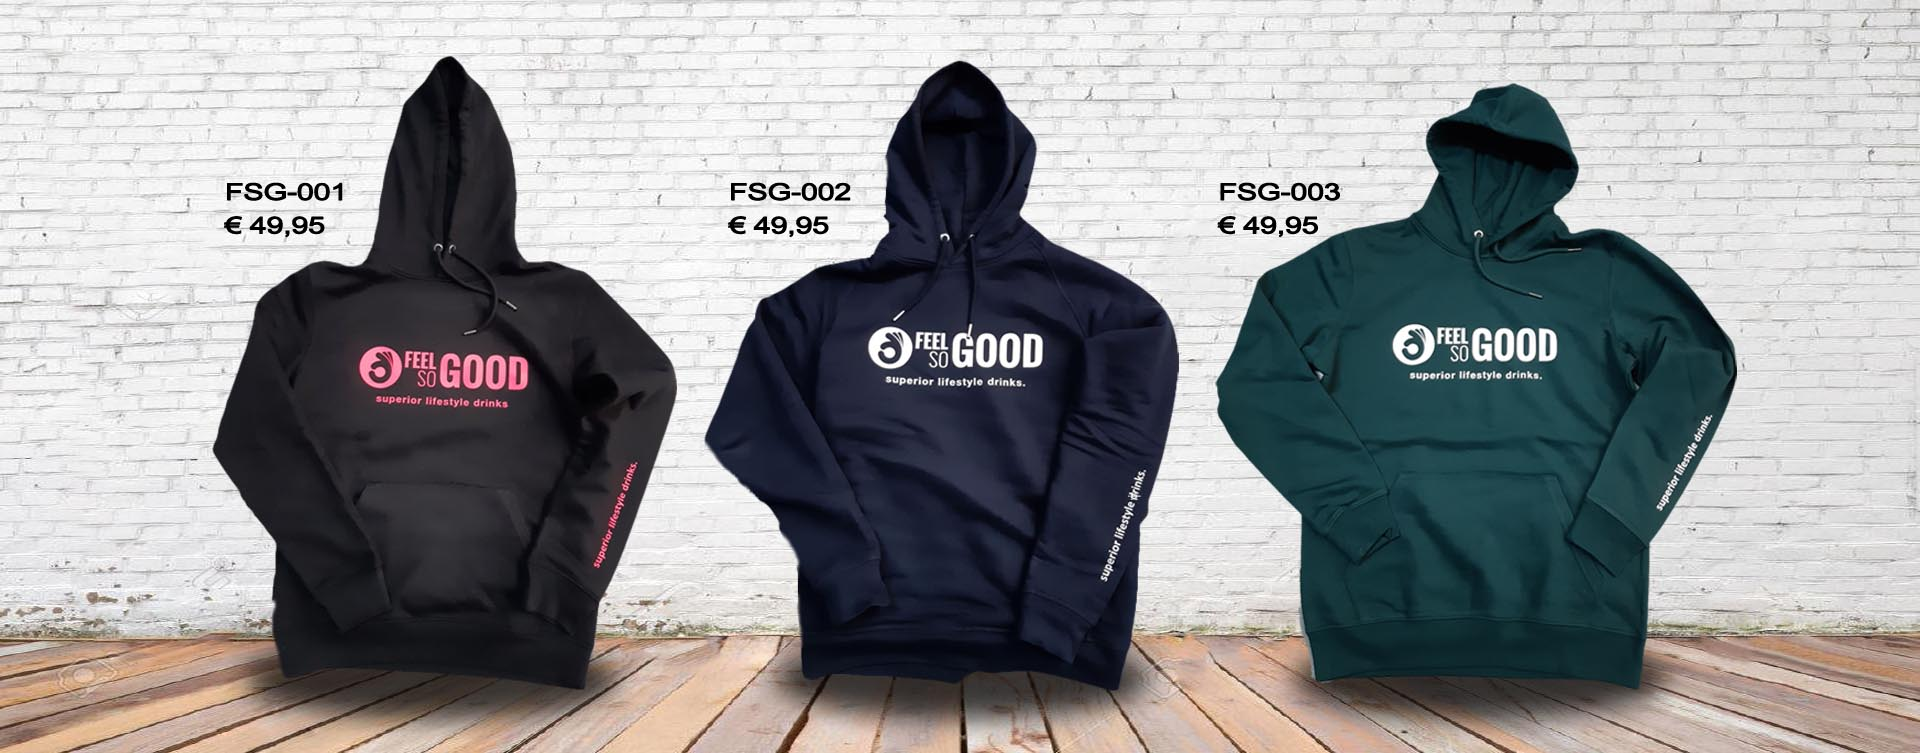 feel so good hoodies1